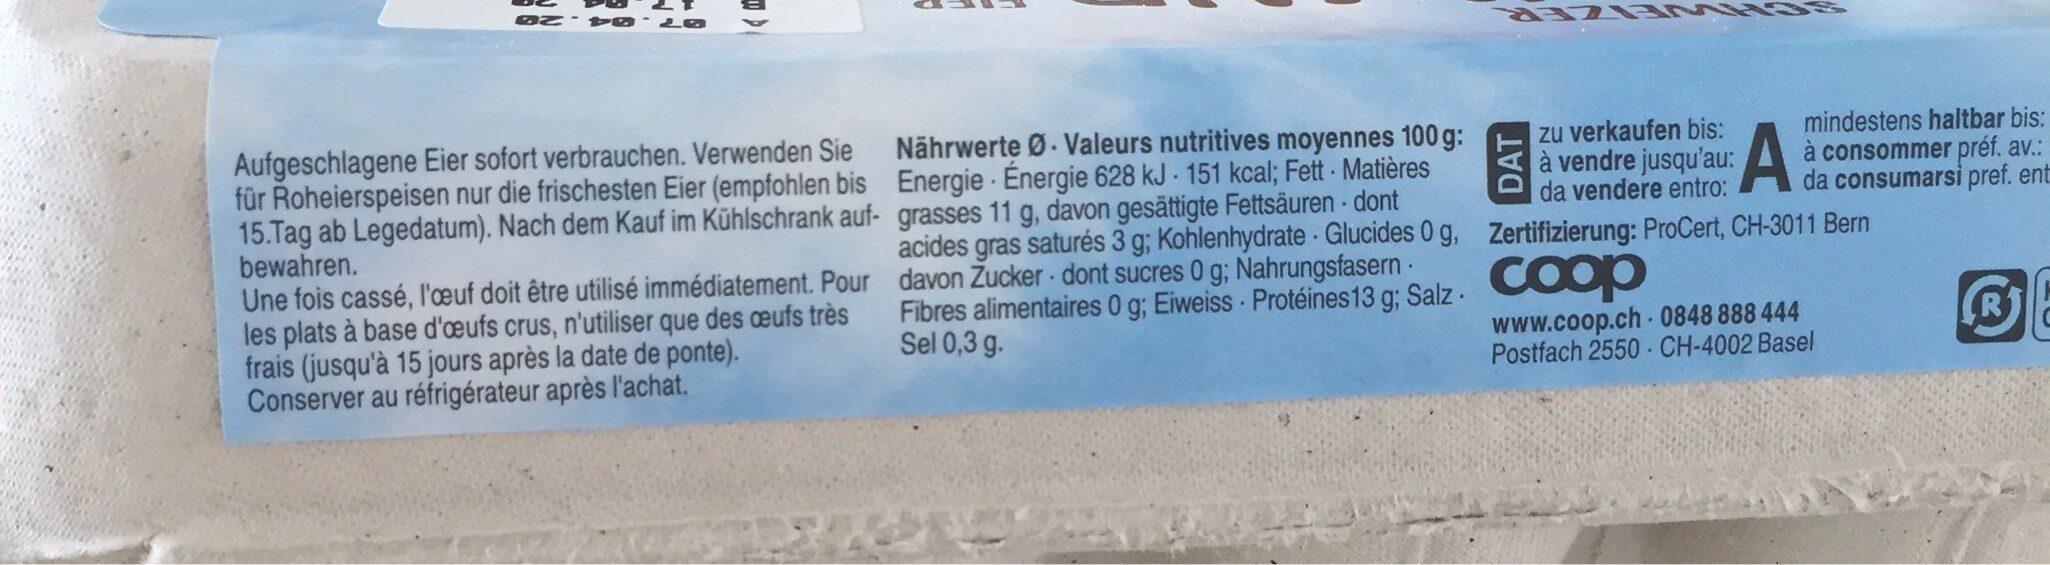 Oeufs Suisse d'élevage en plein air - Voedingswaarden - fr